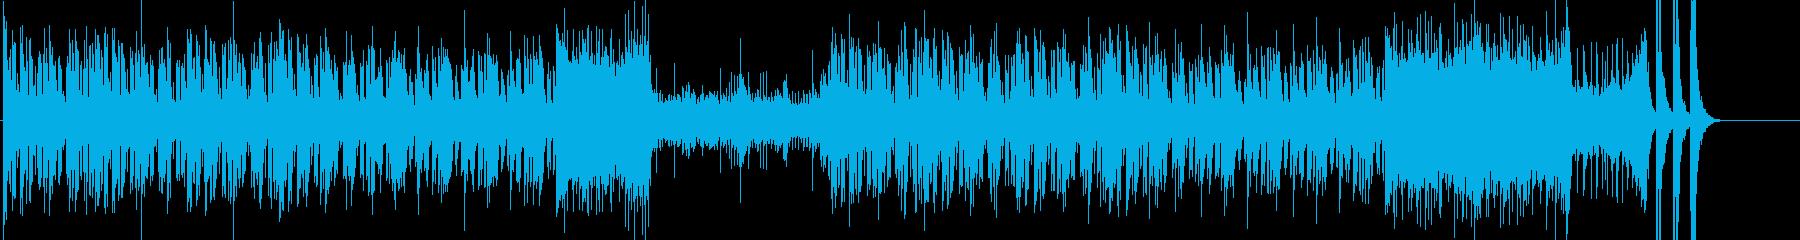 琴や笛の和楽器による和テイストのメロディの再生済みの波形